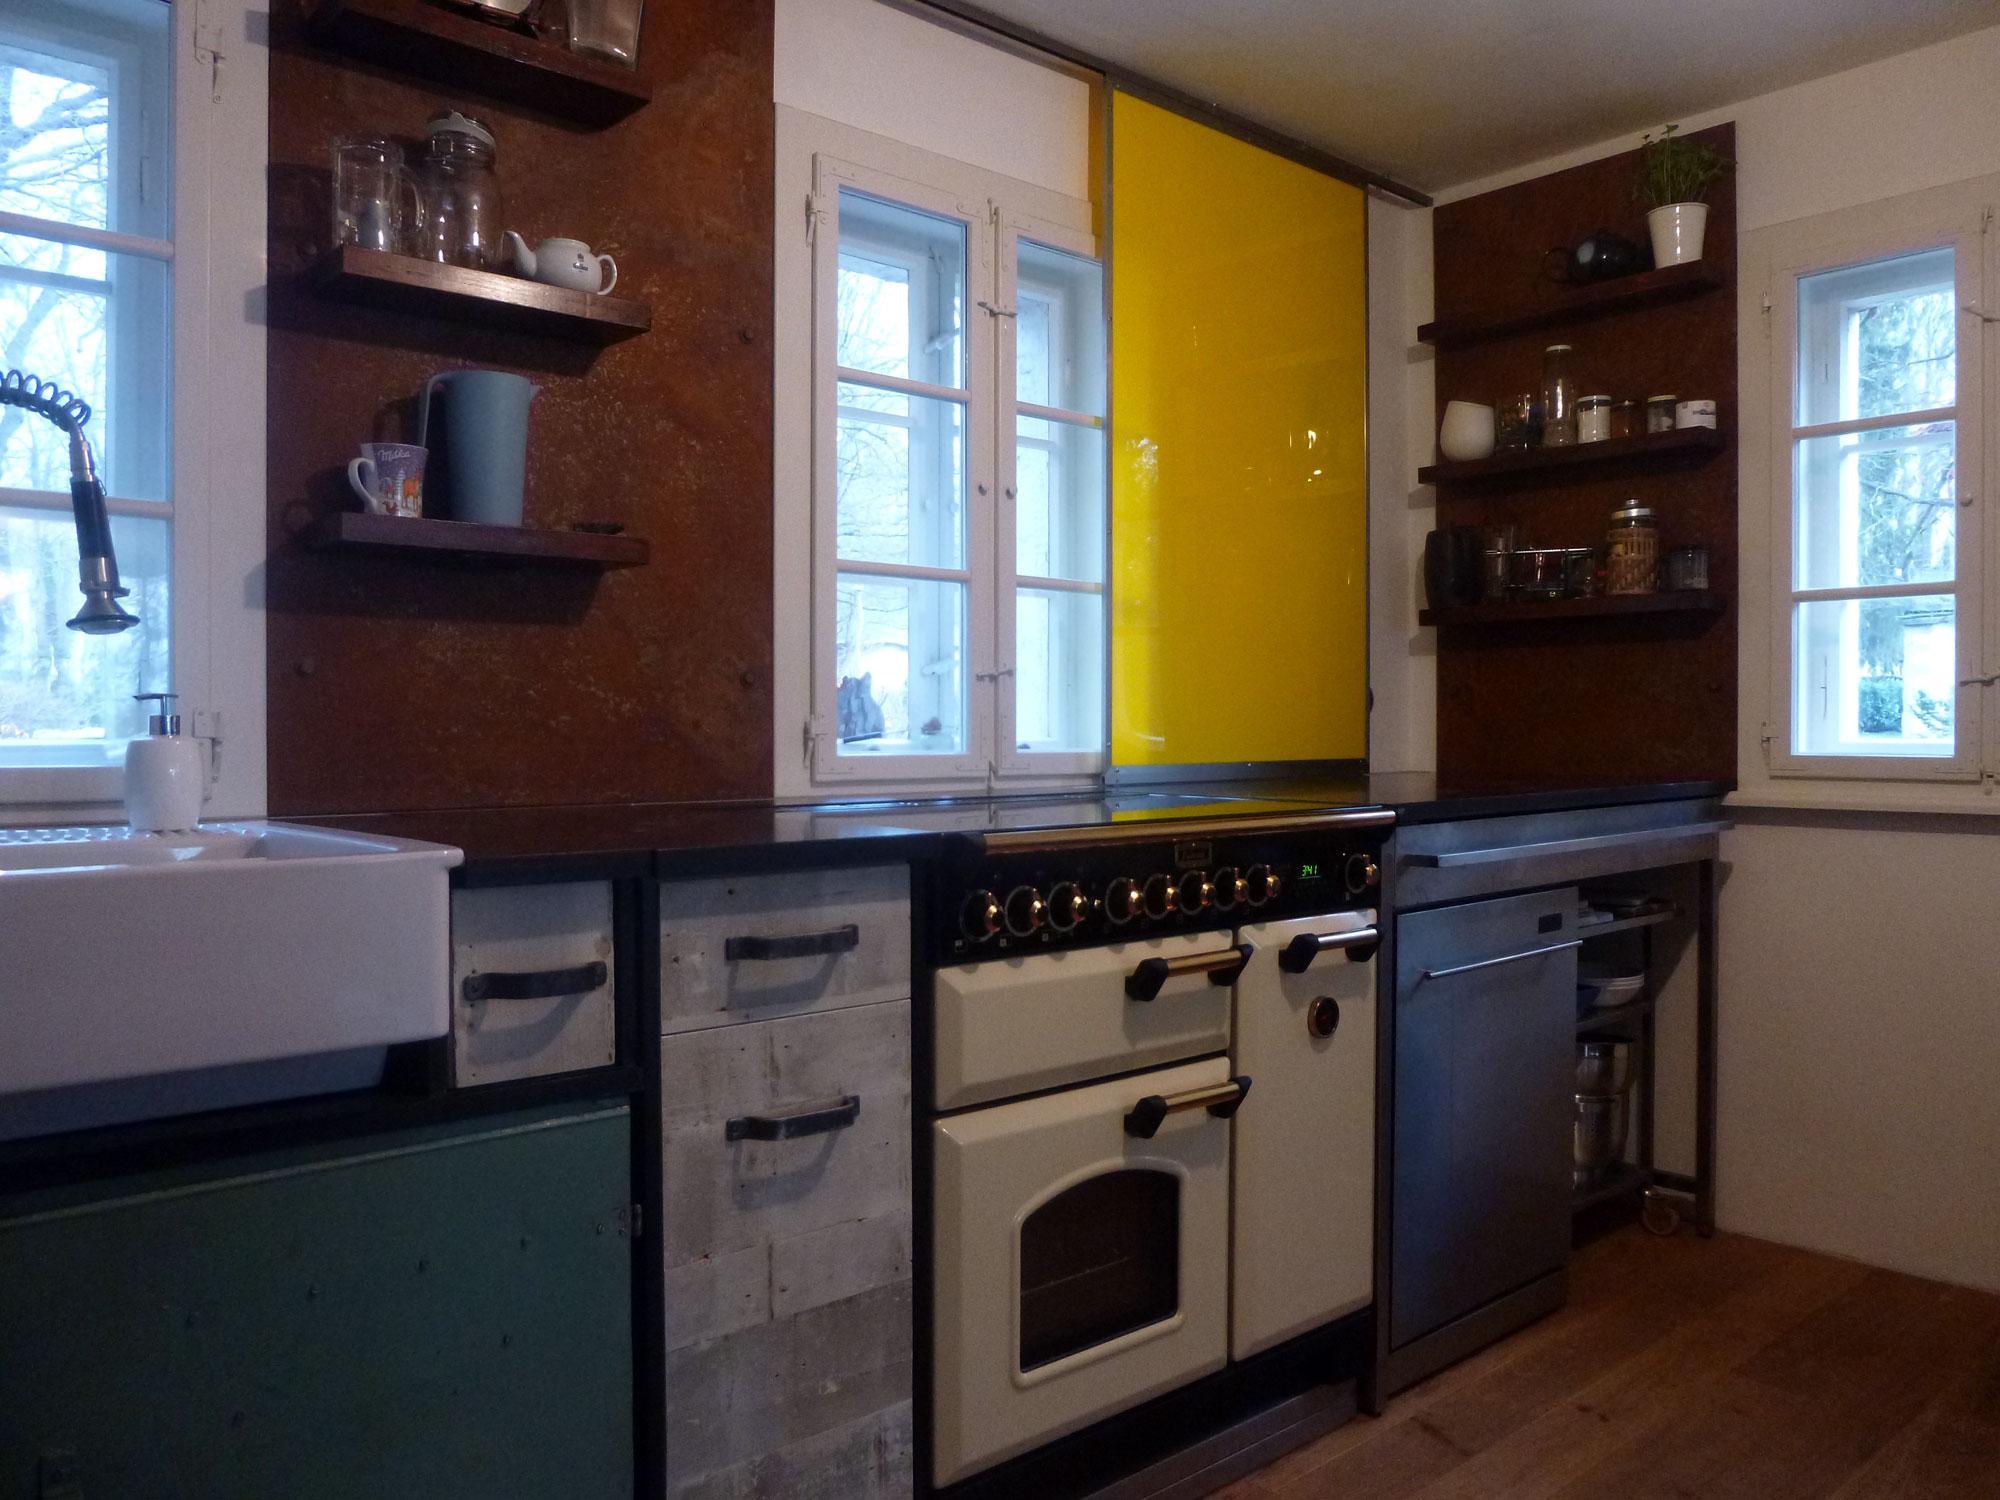 Küchenzeile Idee ~ küche 02 idee+werk